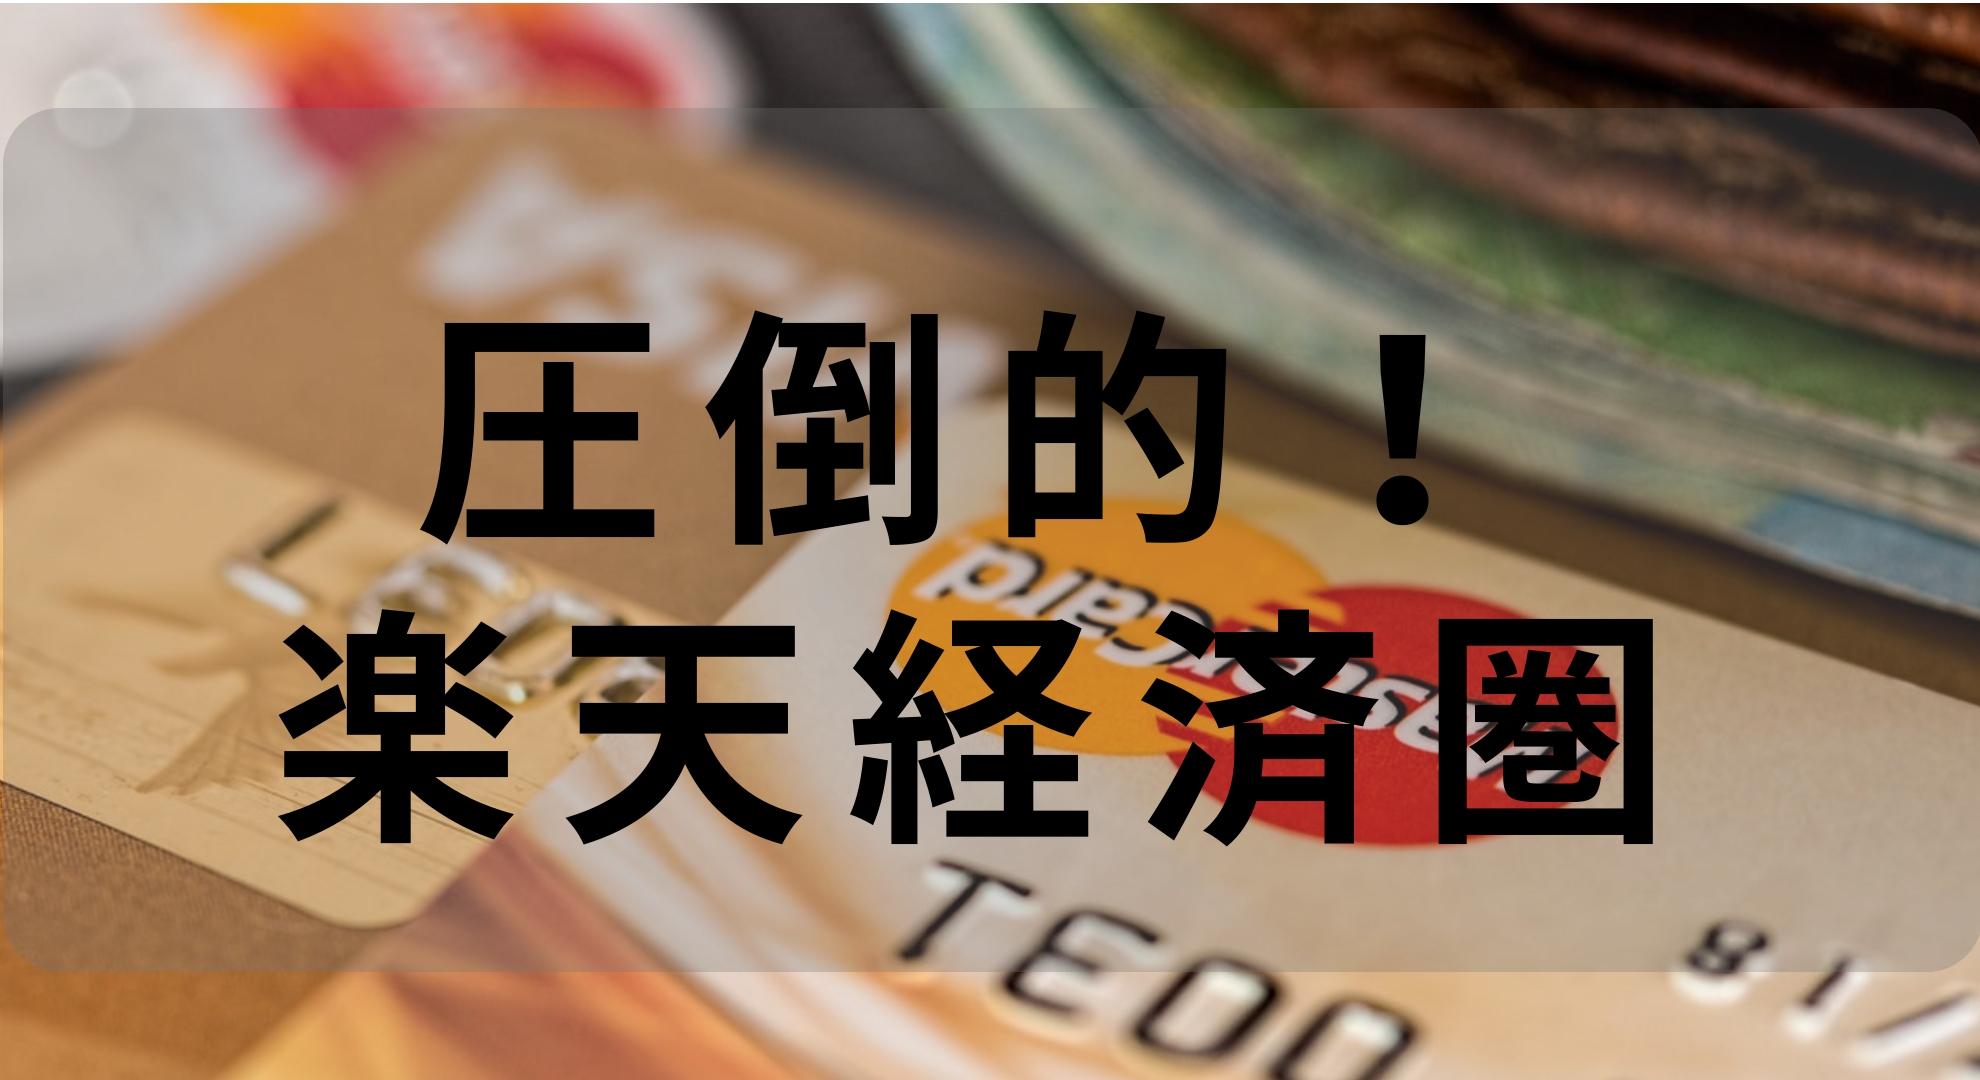 【楽天経済圏】楽天カード+楽天ペイでキャンペーン期間中楽天ポイント5%還元キャンペーン開始!